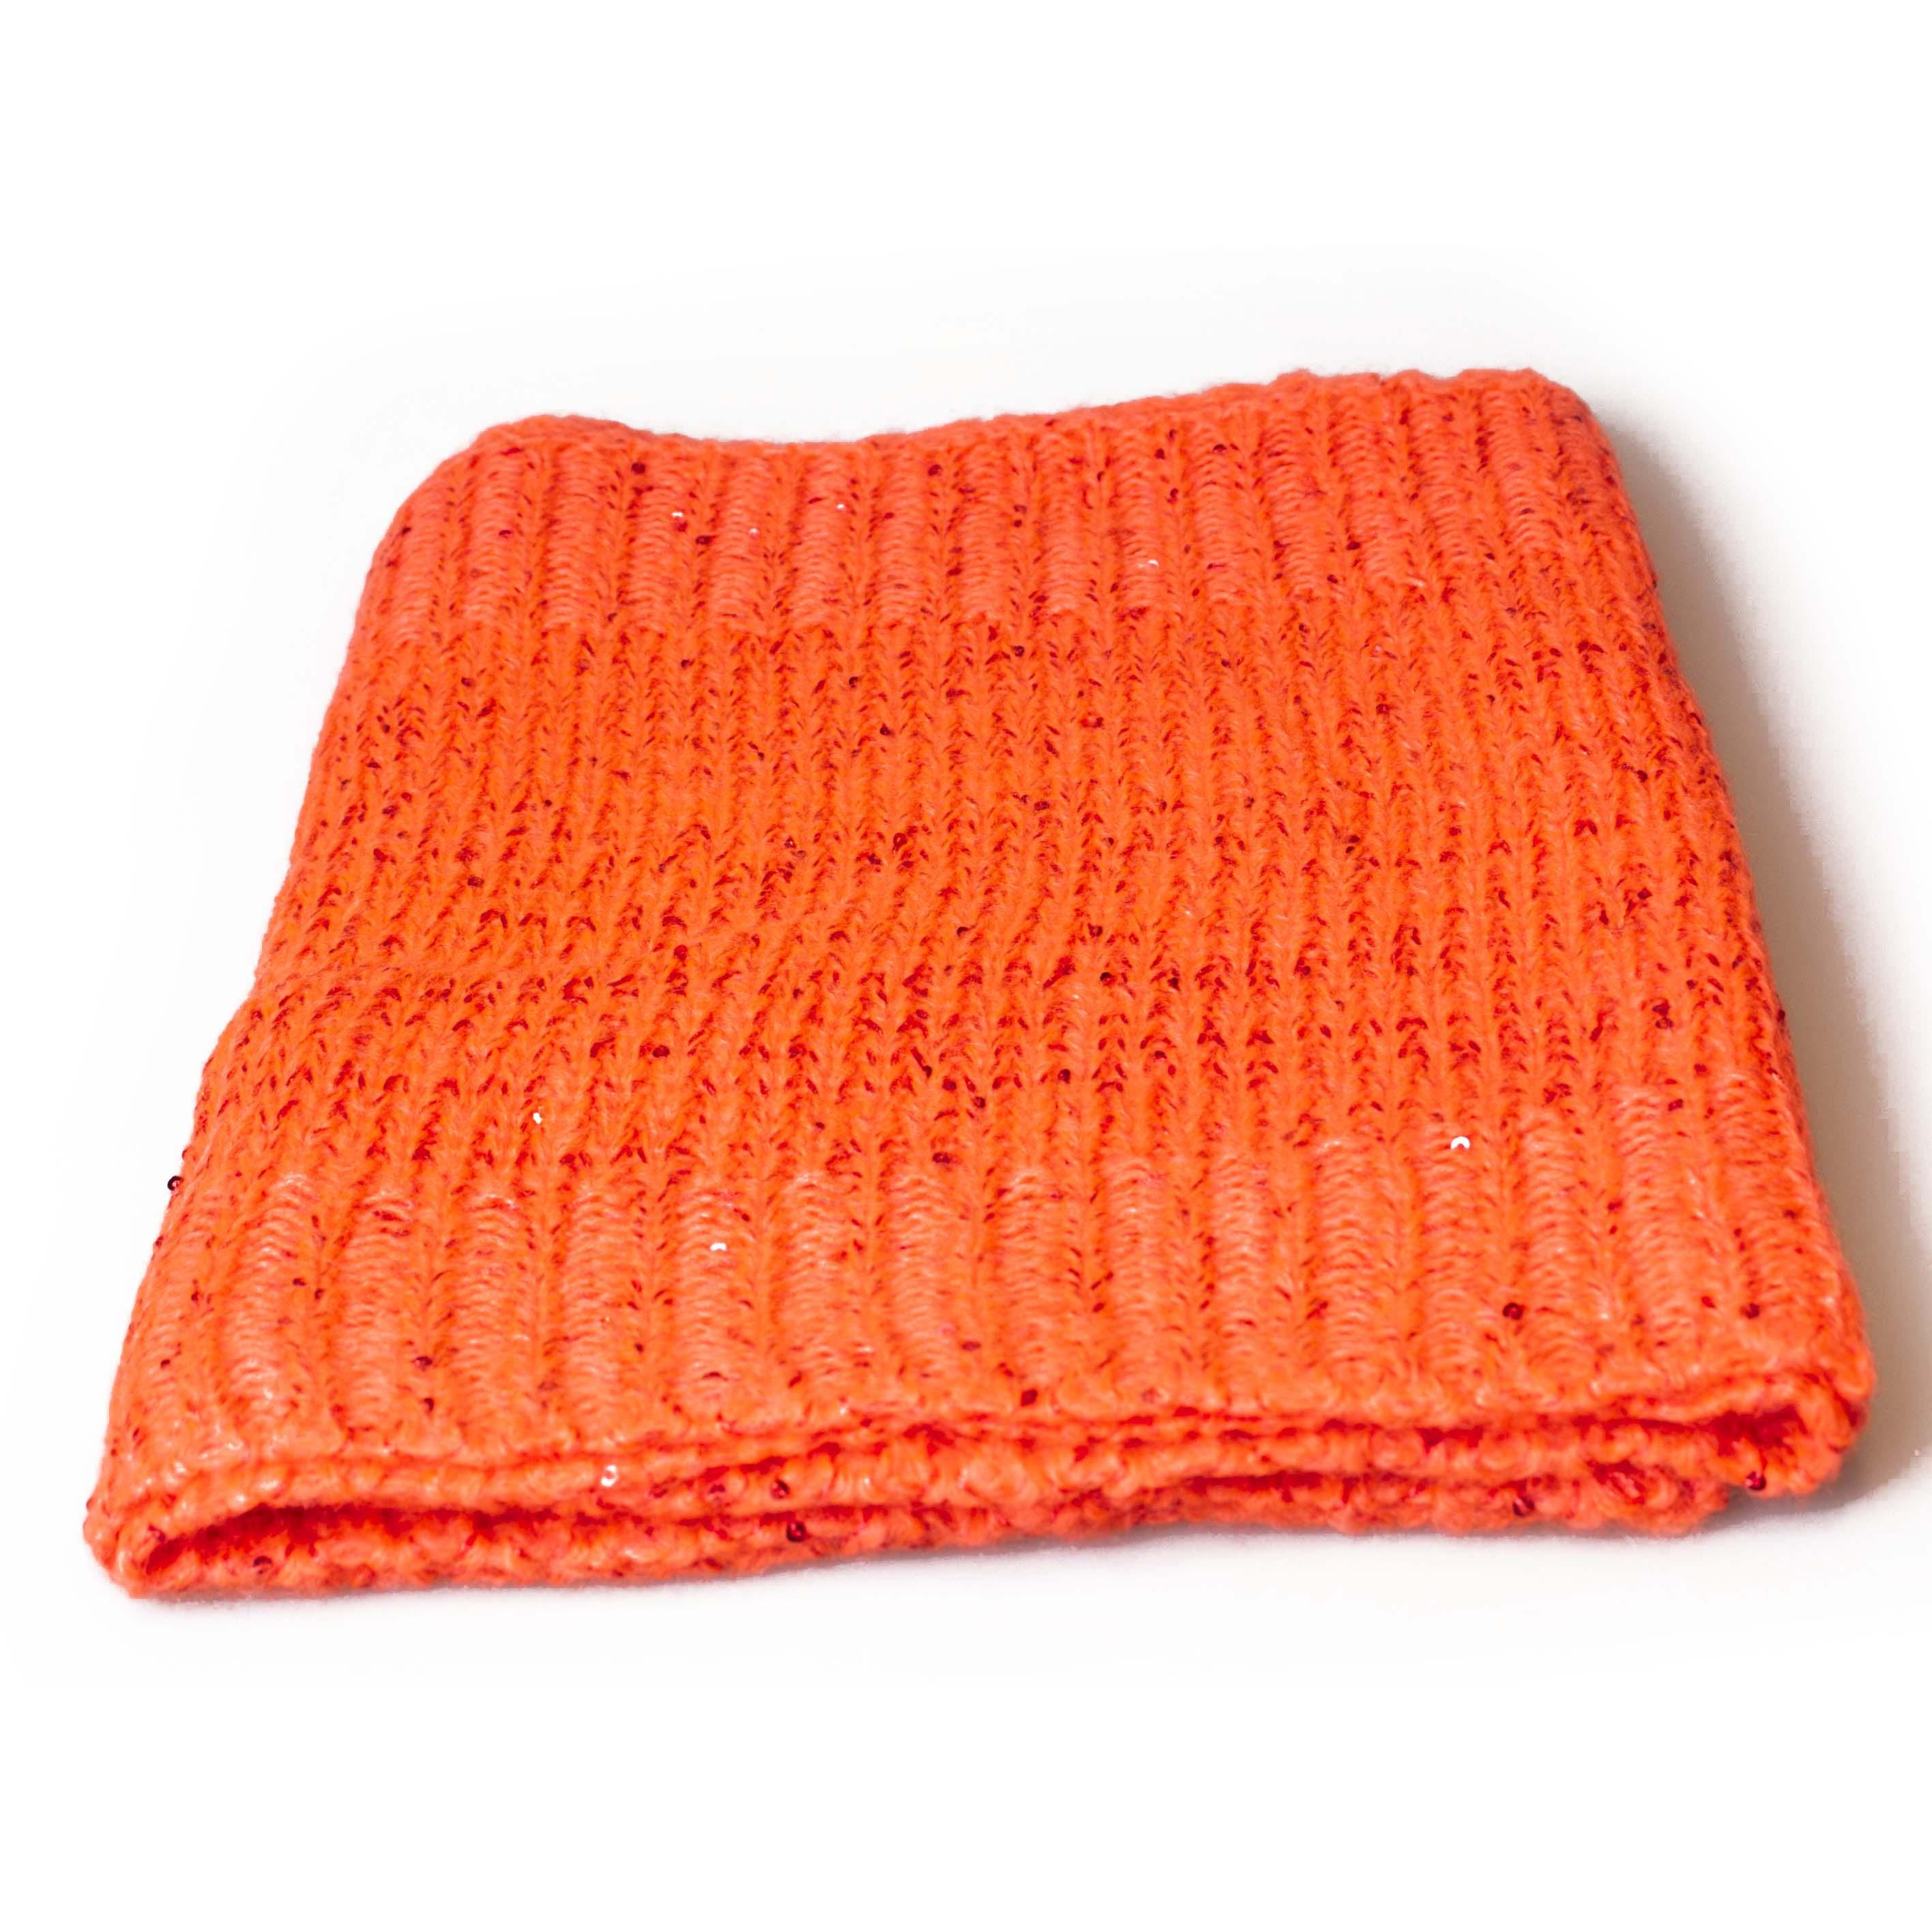 Passero strik tørklæde med paletter Orange